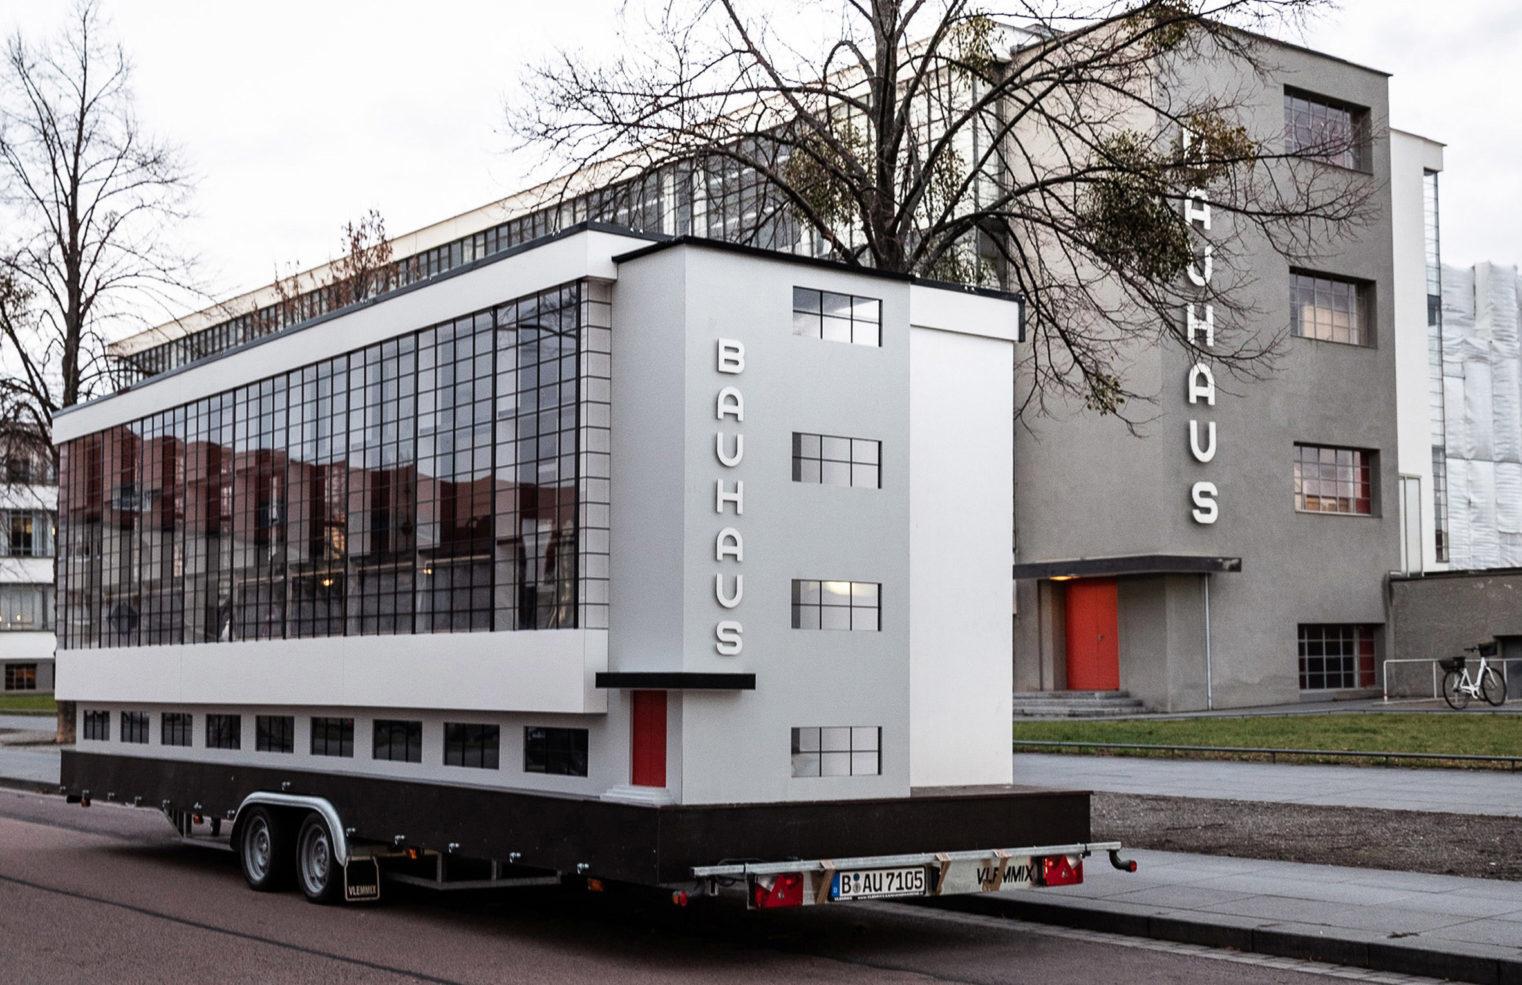 The Bauhaus bus in Dessau. Photo: Van Bo Le-Mentzel